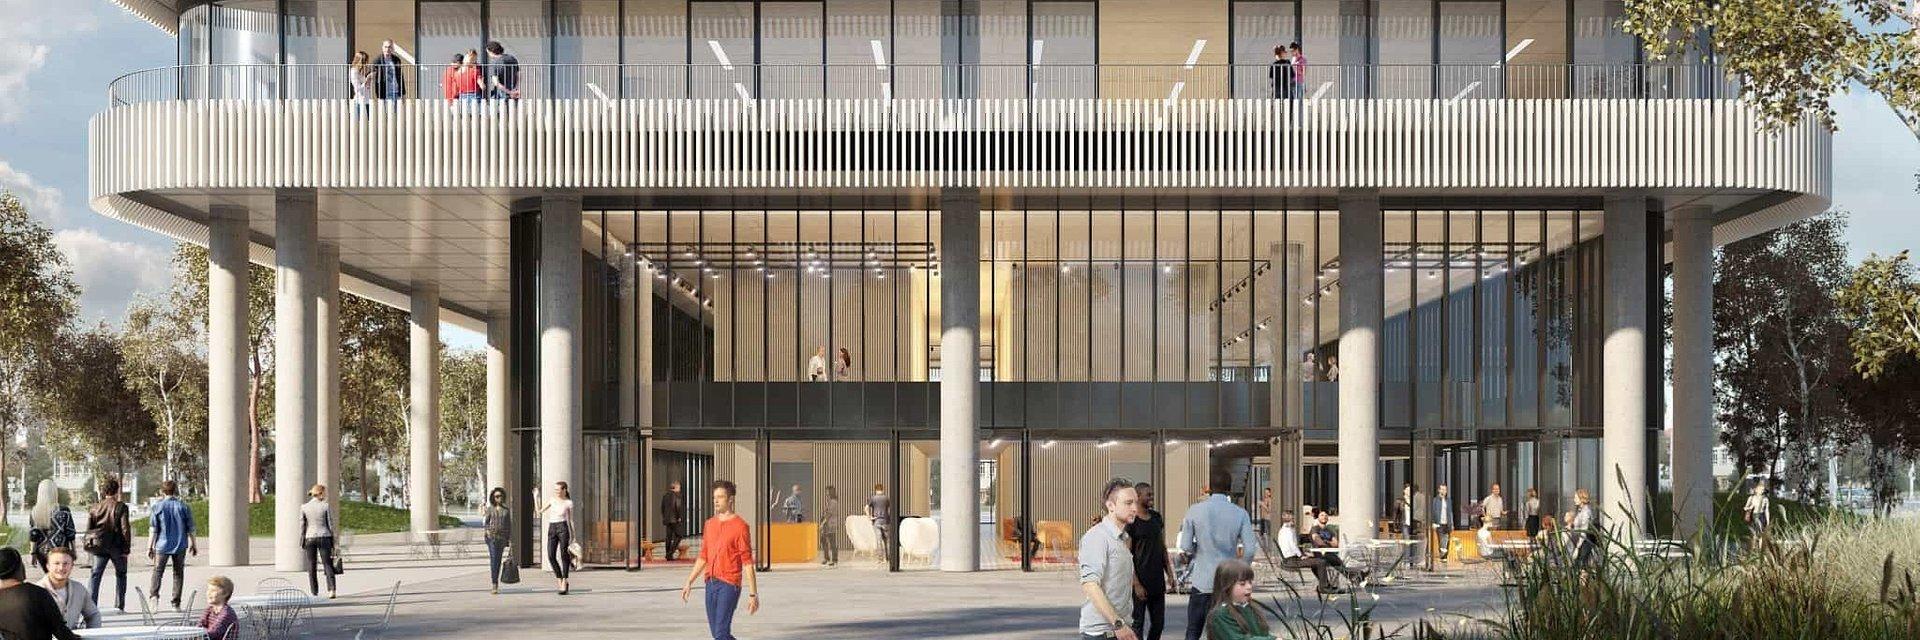 Der Nové Nivy Viertel in Bratislava wird ein Projekt von weltberühmten Architekten beinhalten